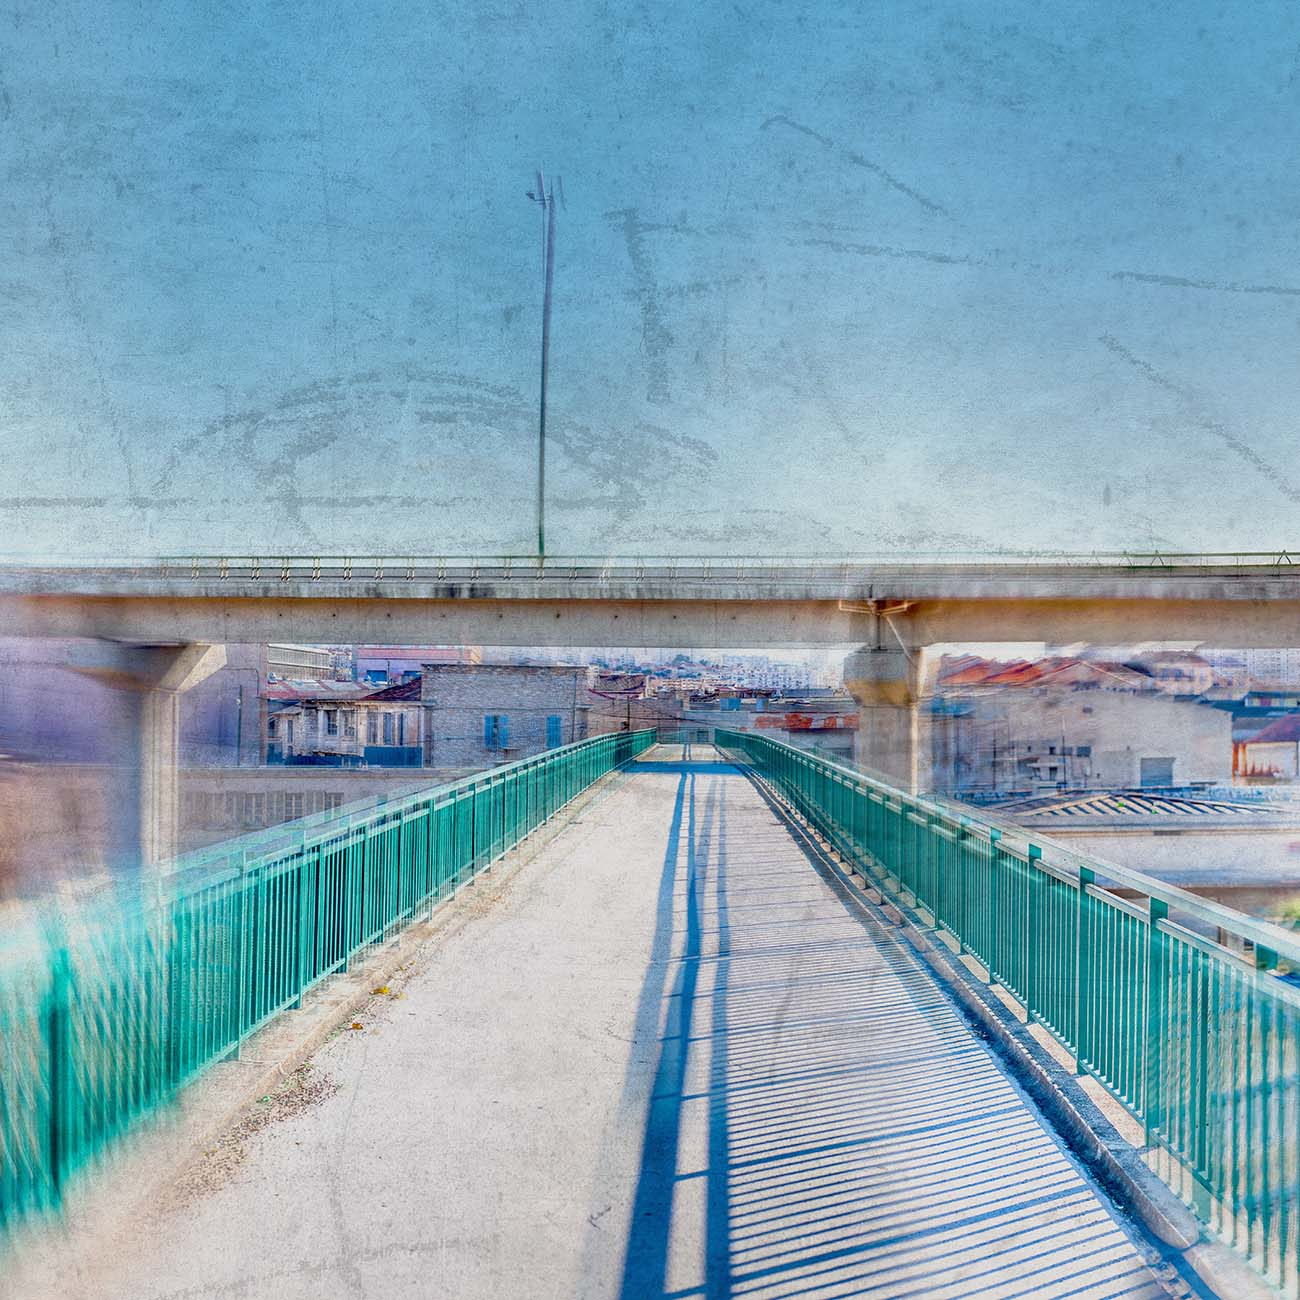 La passerelle Bleu Marseille Paul-Louis LEGER Photographe